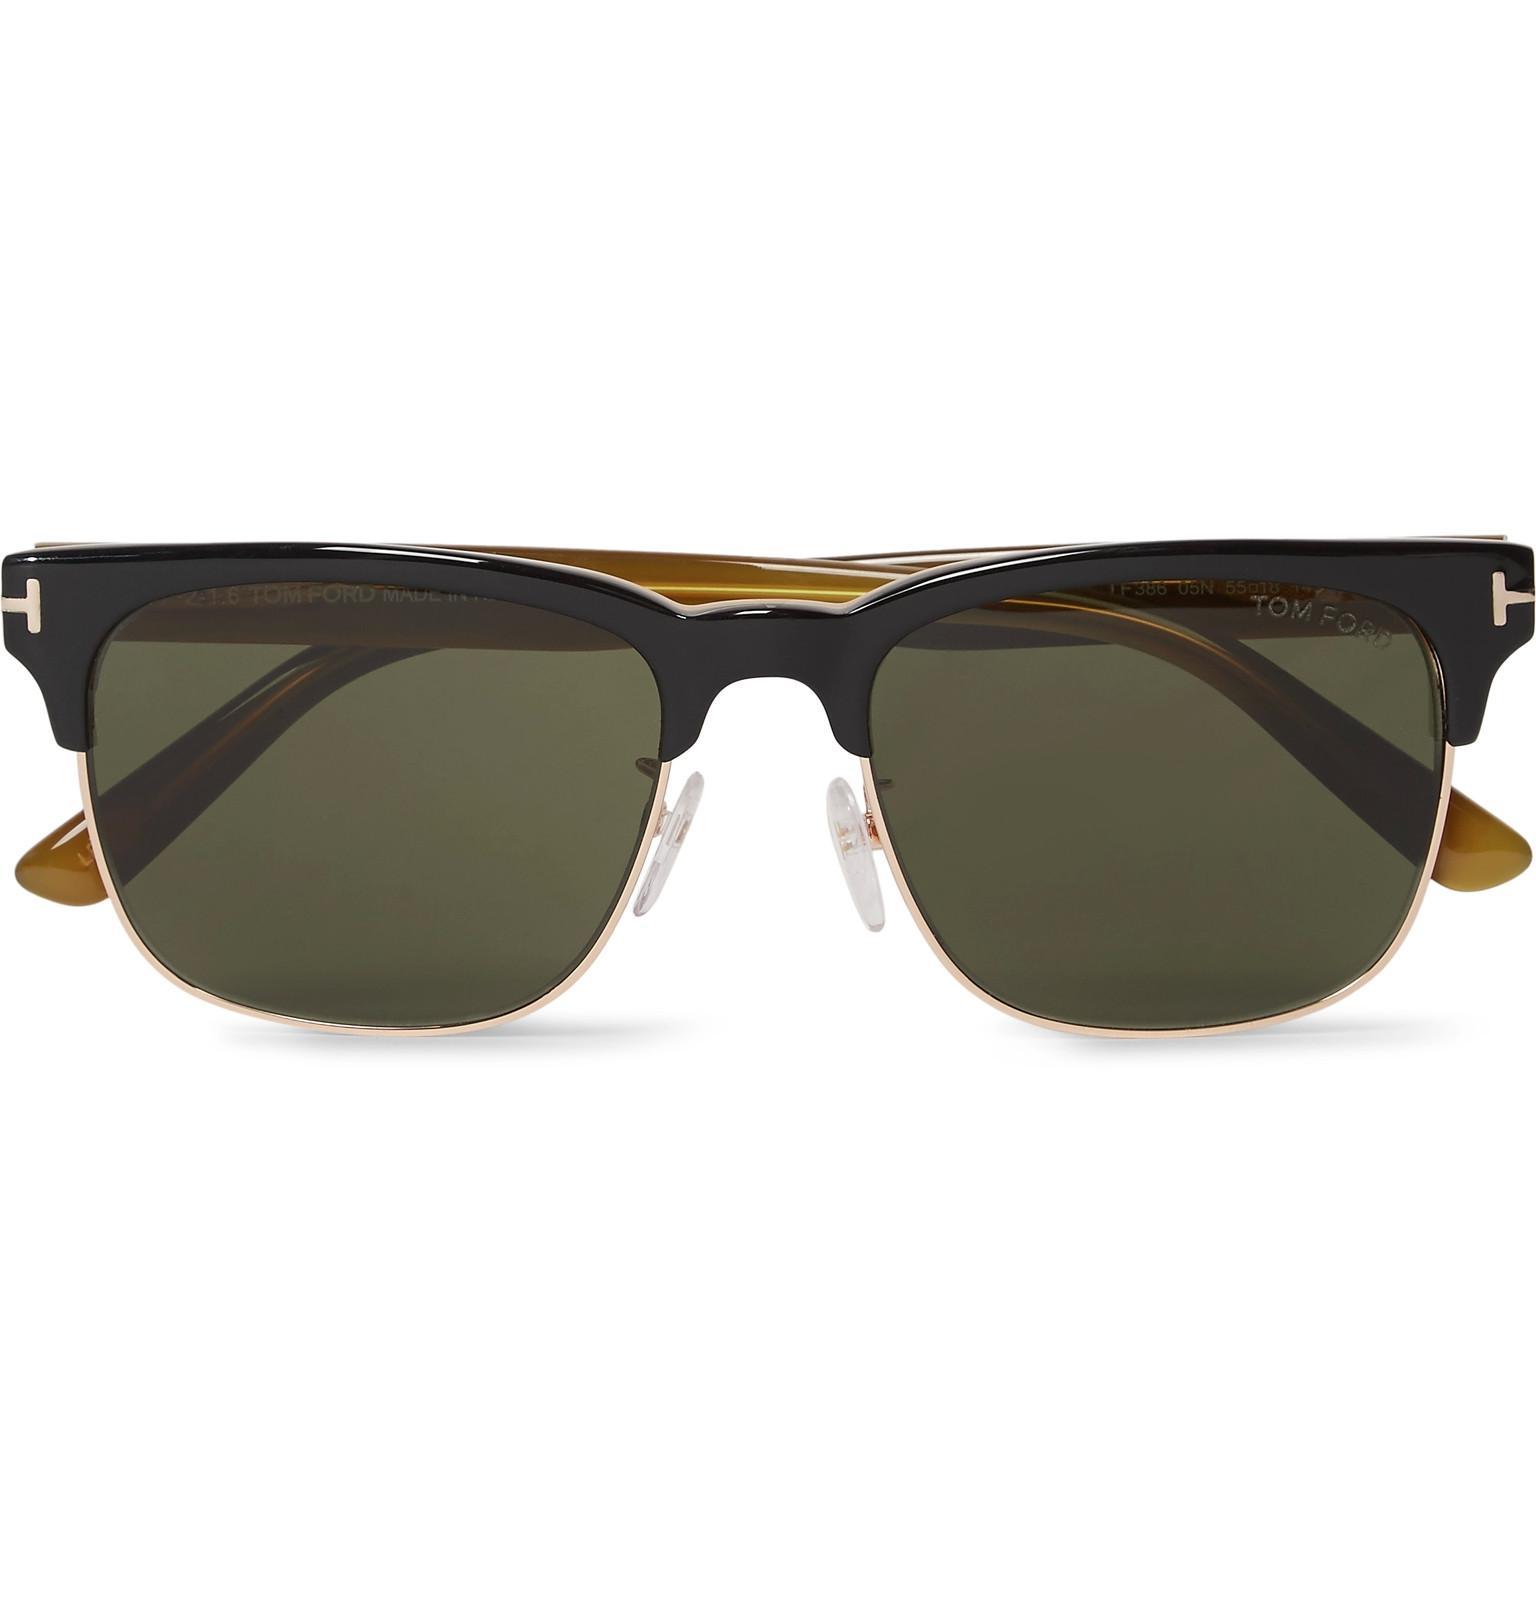 adcea651e0e Lyst - Tom Ford Louis D-frame Rose Gold-tone And Acetate Sunglasses ...